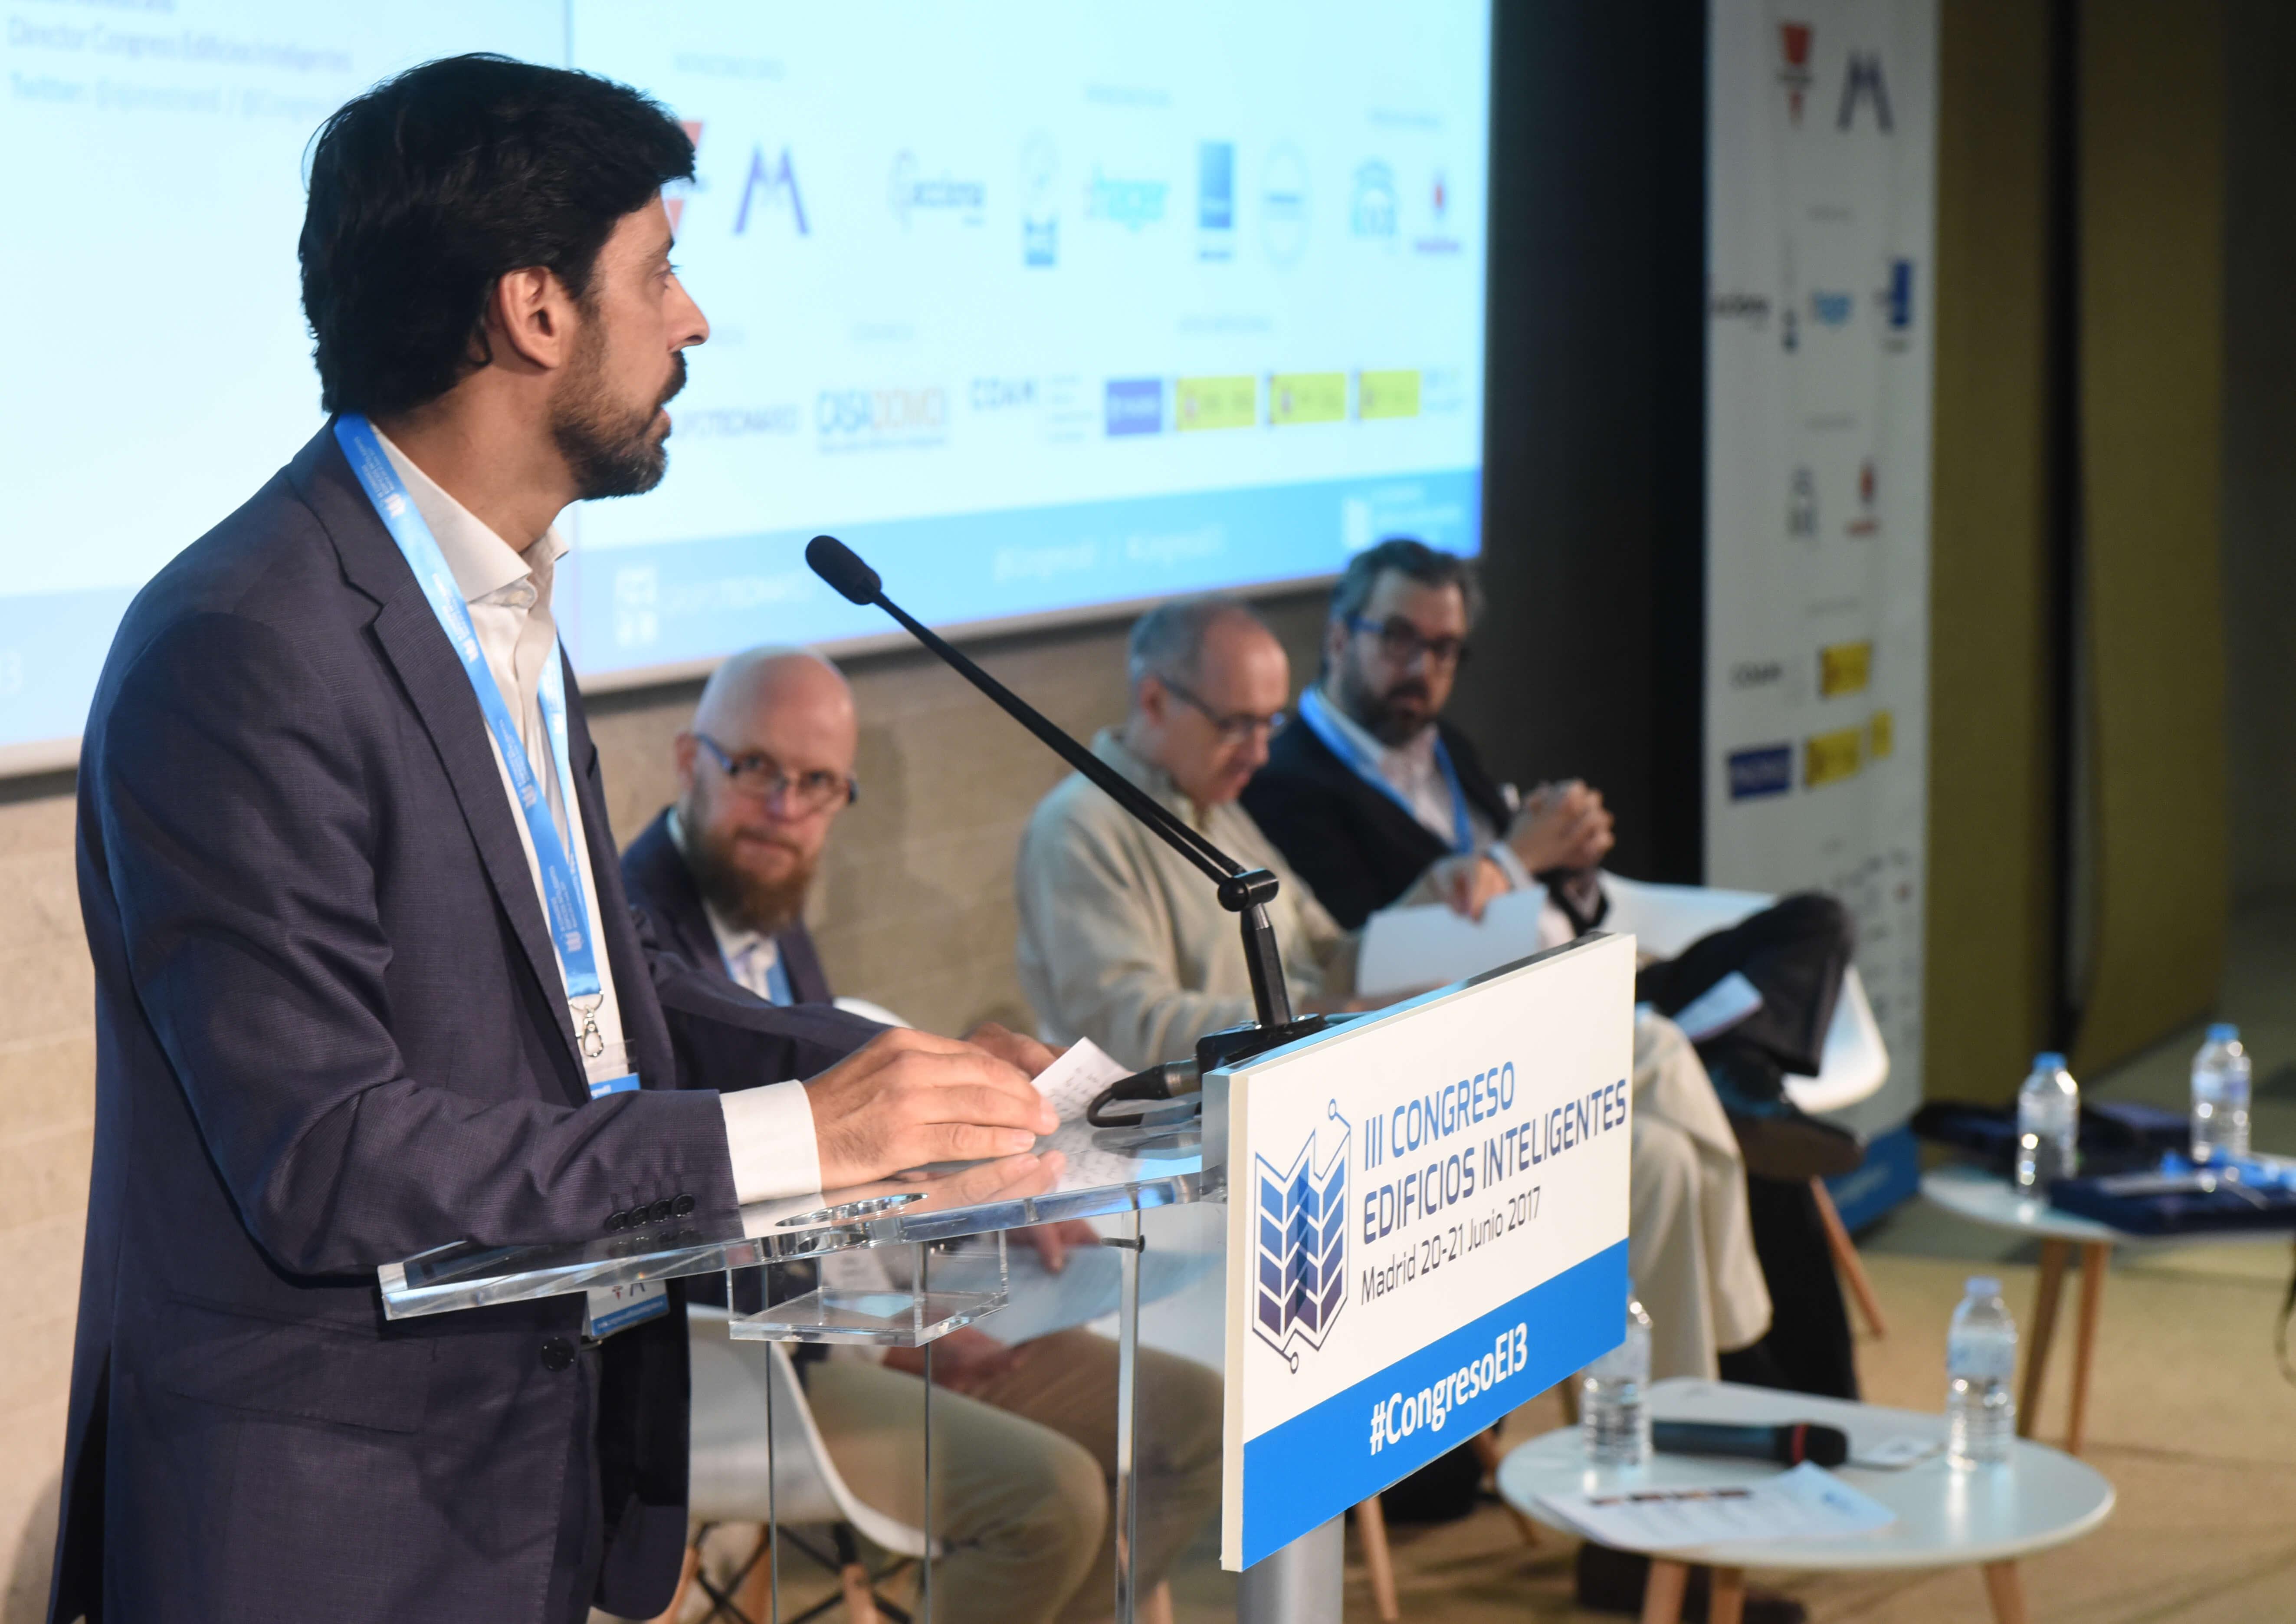 Francisco Javier Martín Ramiro, Subdirector General de Arquitectura y Edificación del Ministerio de Fomento en la inauguración del III Congreso Edificios Inteligentes.